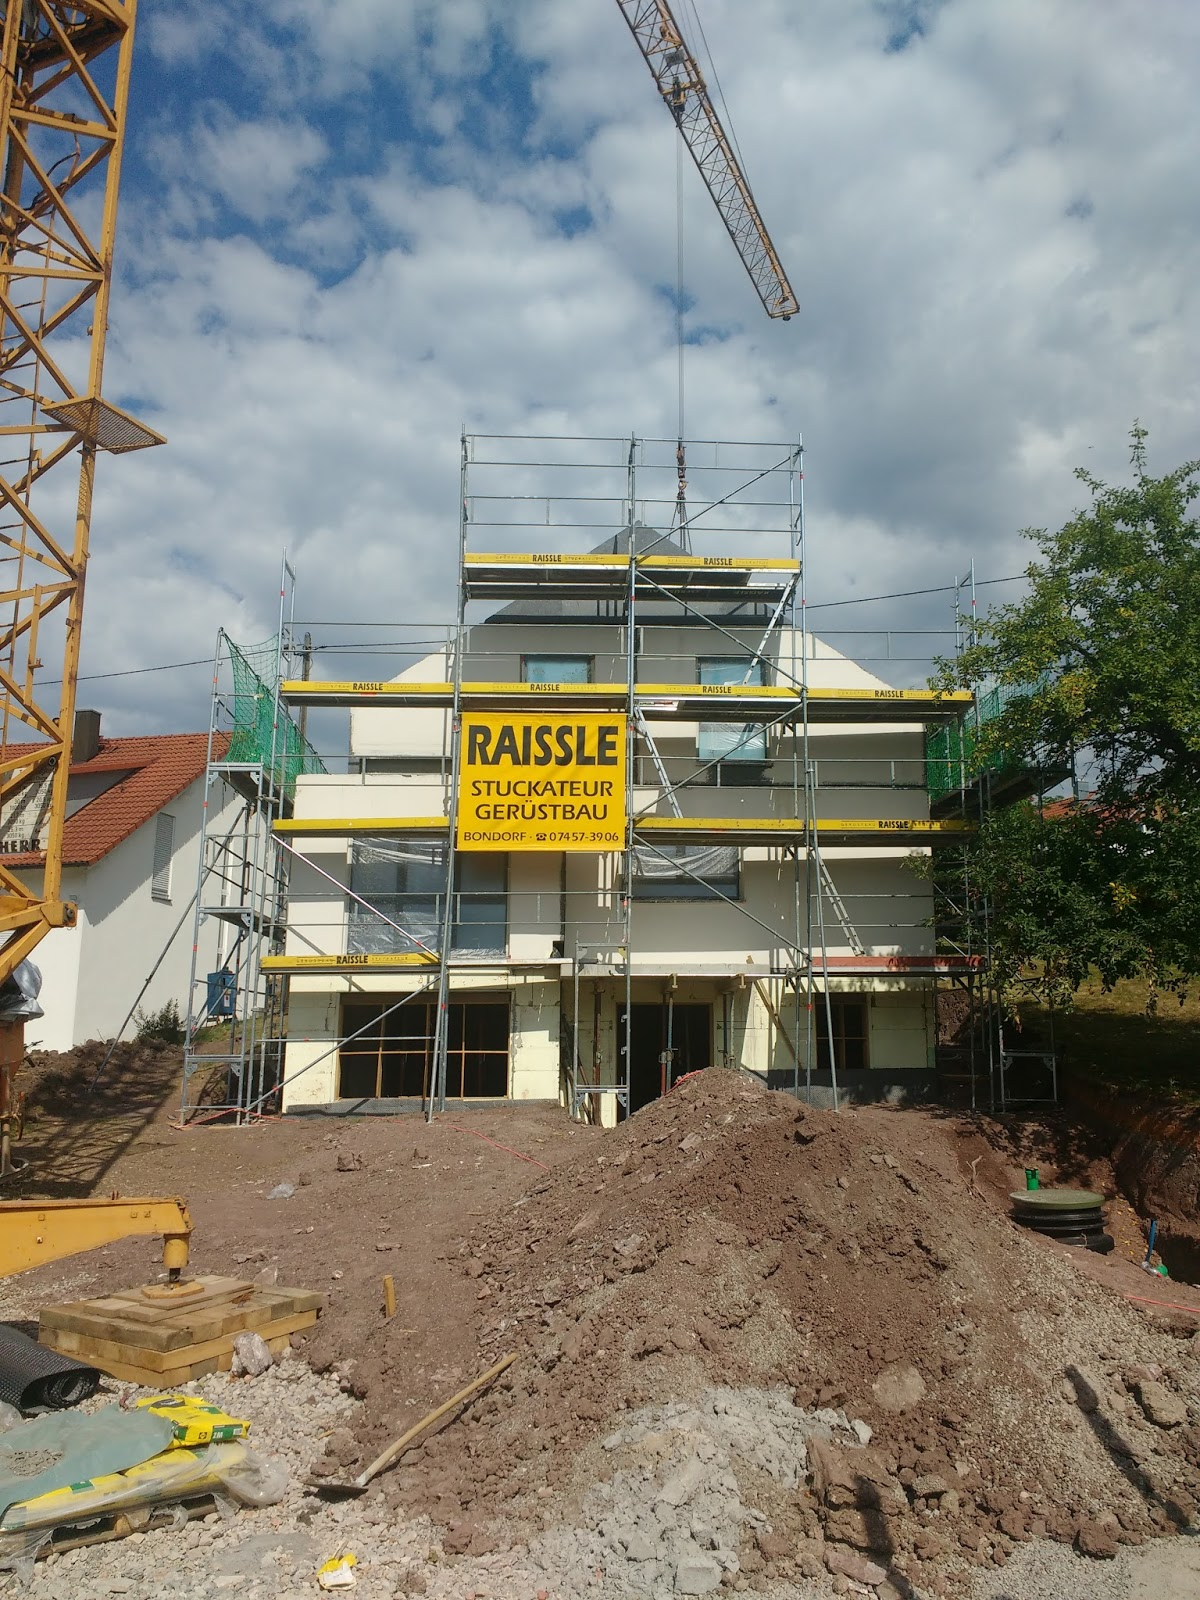 Hauser Massivhaus das haus steht wir bauen ein hauser massivhaus